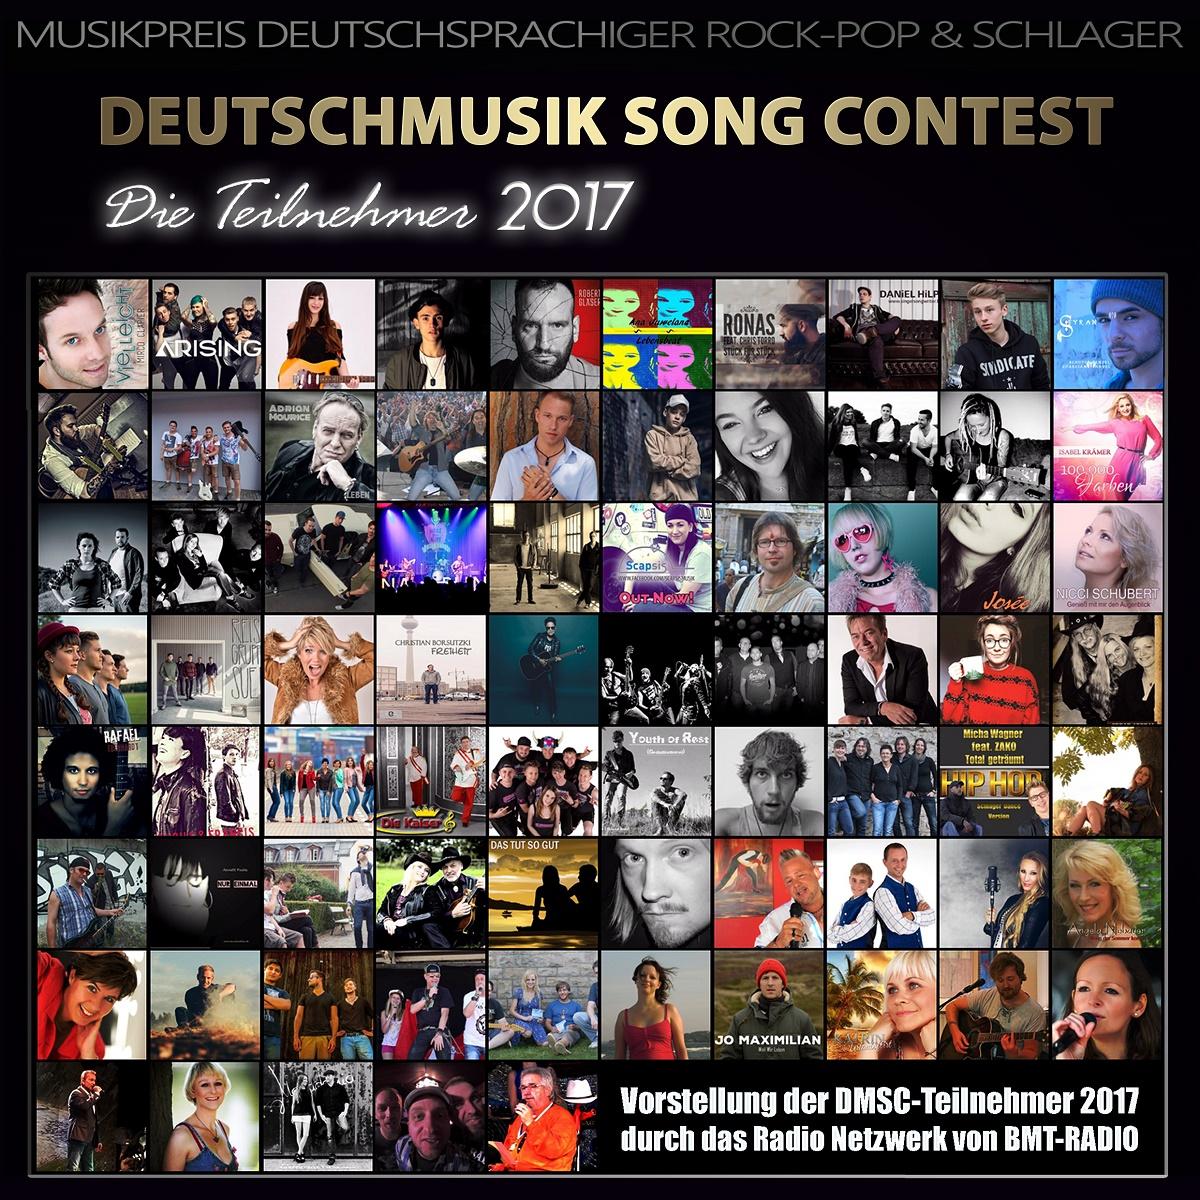 Deutschmusik Song Contest - Die Kandidaten 2017